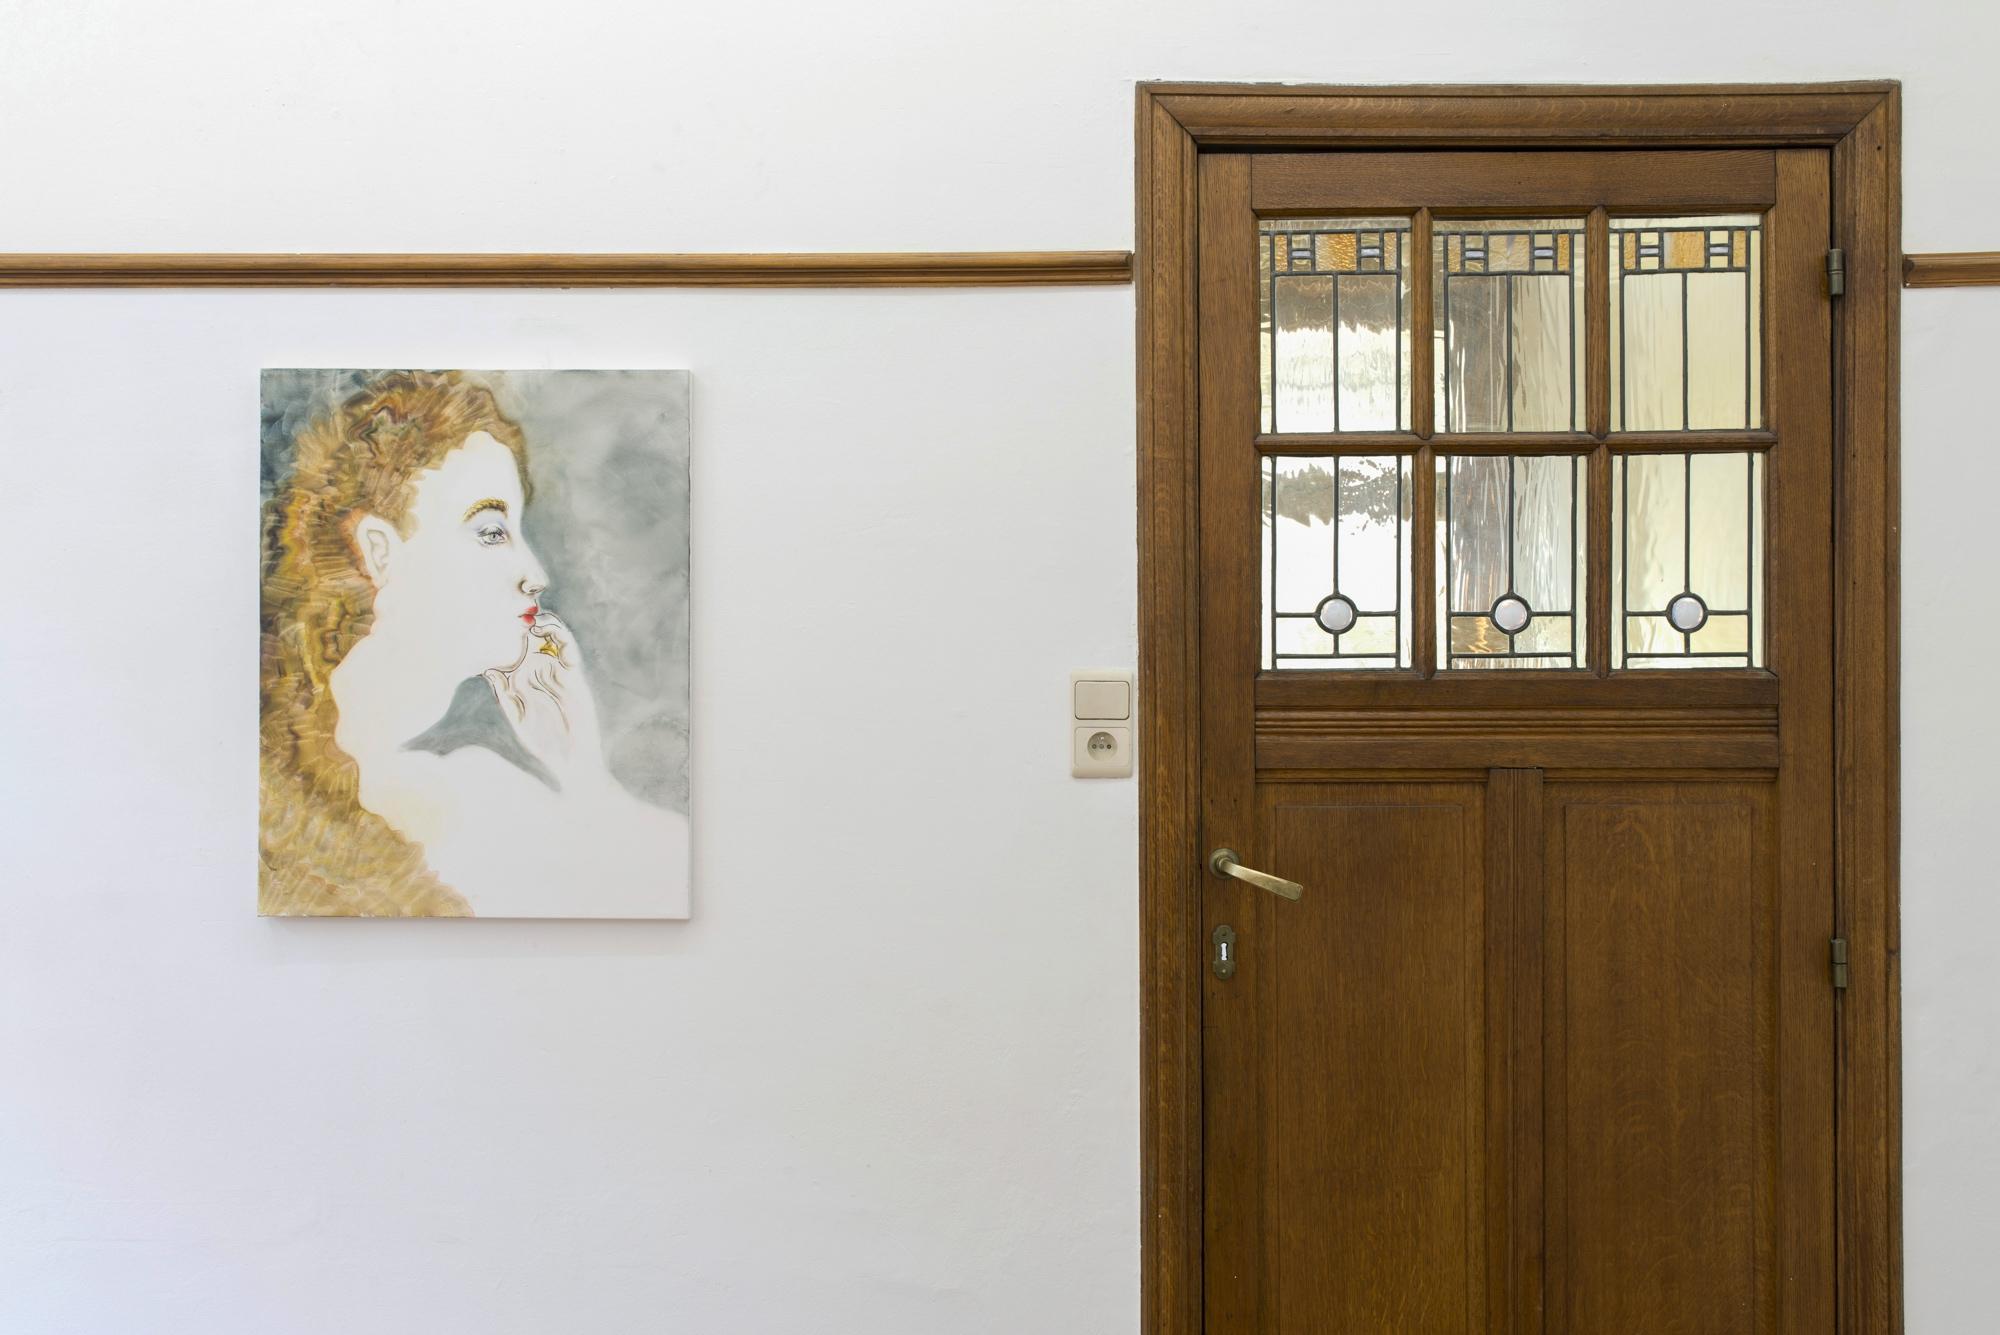 """Autumn Ramsey, """"Autumn Ramsey,"""" installation view, Park View/Paul Soto, La Maison de Rendez-Vous, Brussels, 2019"""